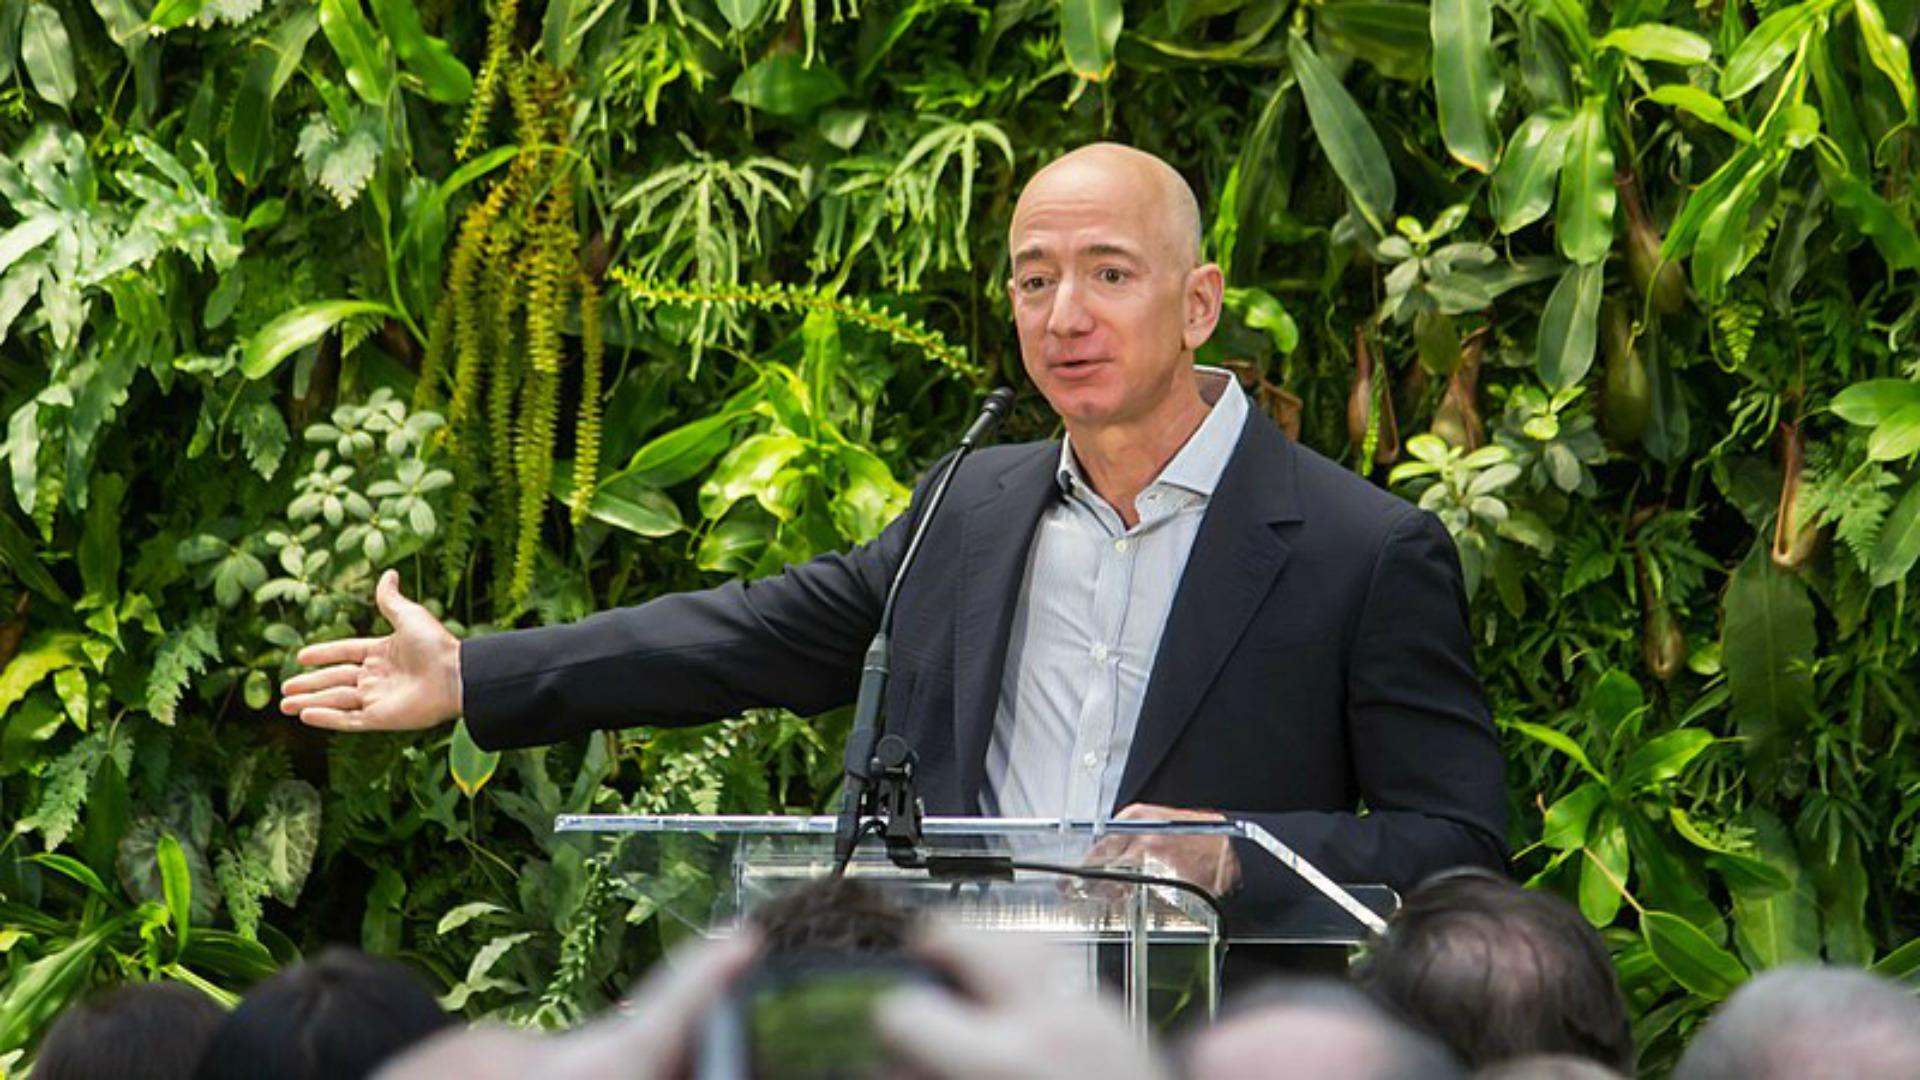 Divorce de Jeff Bezos: la thèse du hacking affaiblie, le tabloïd aurait payé